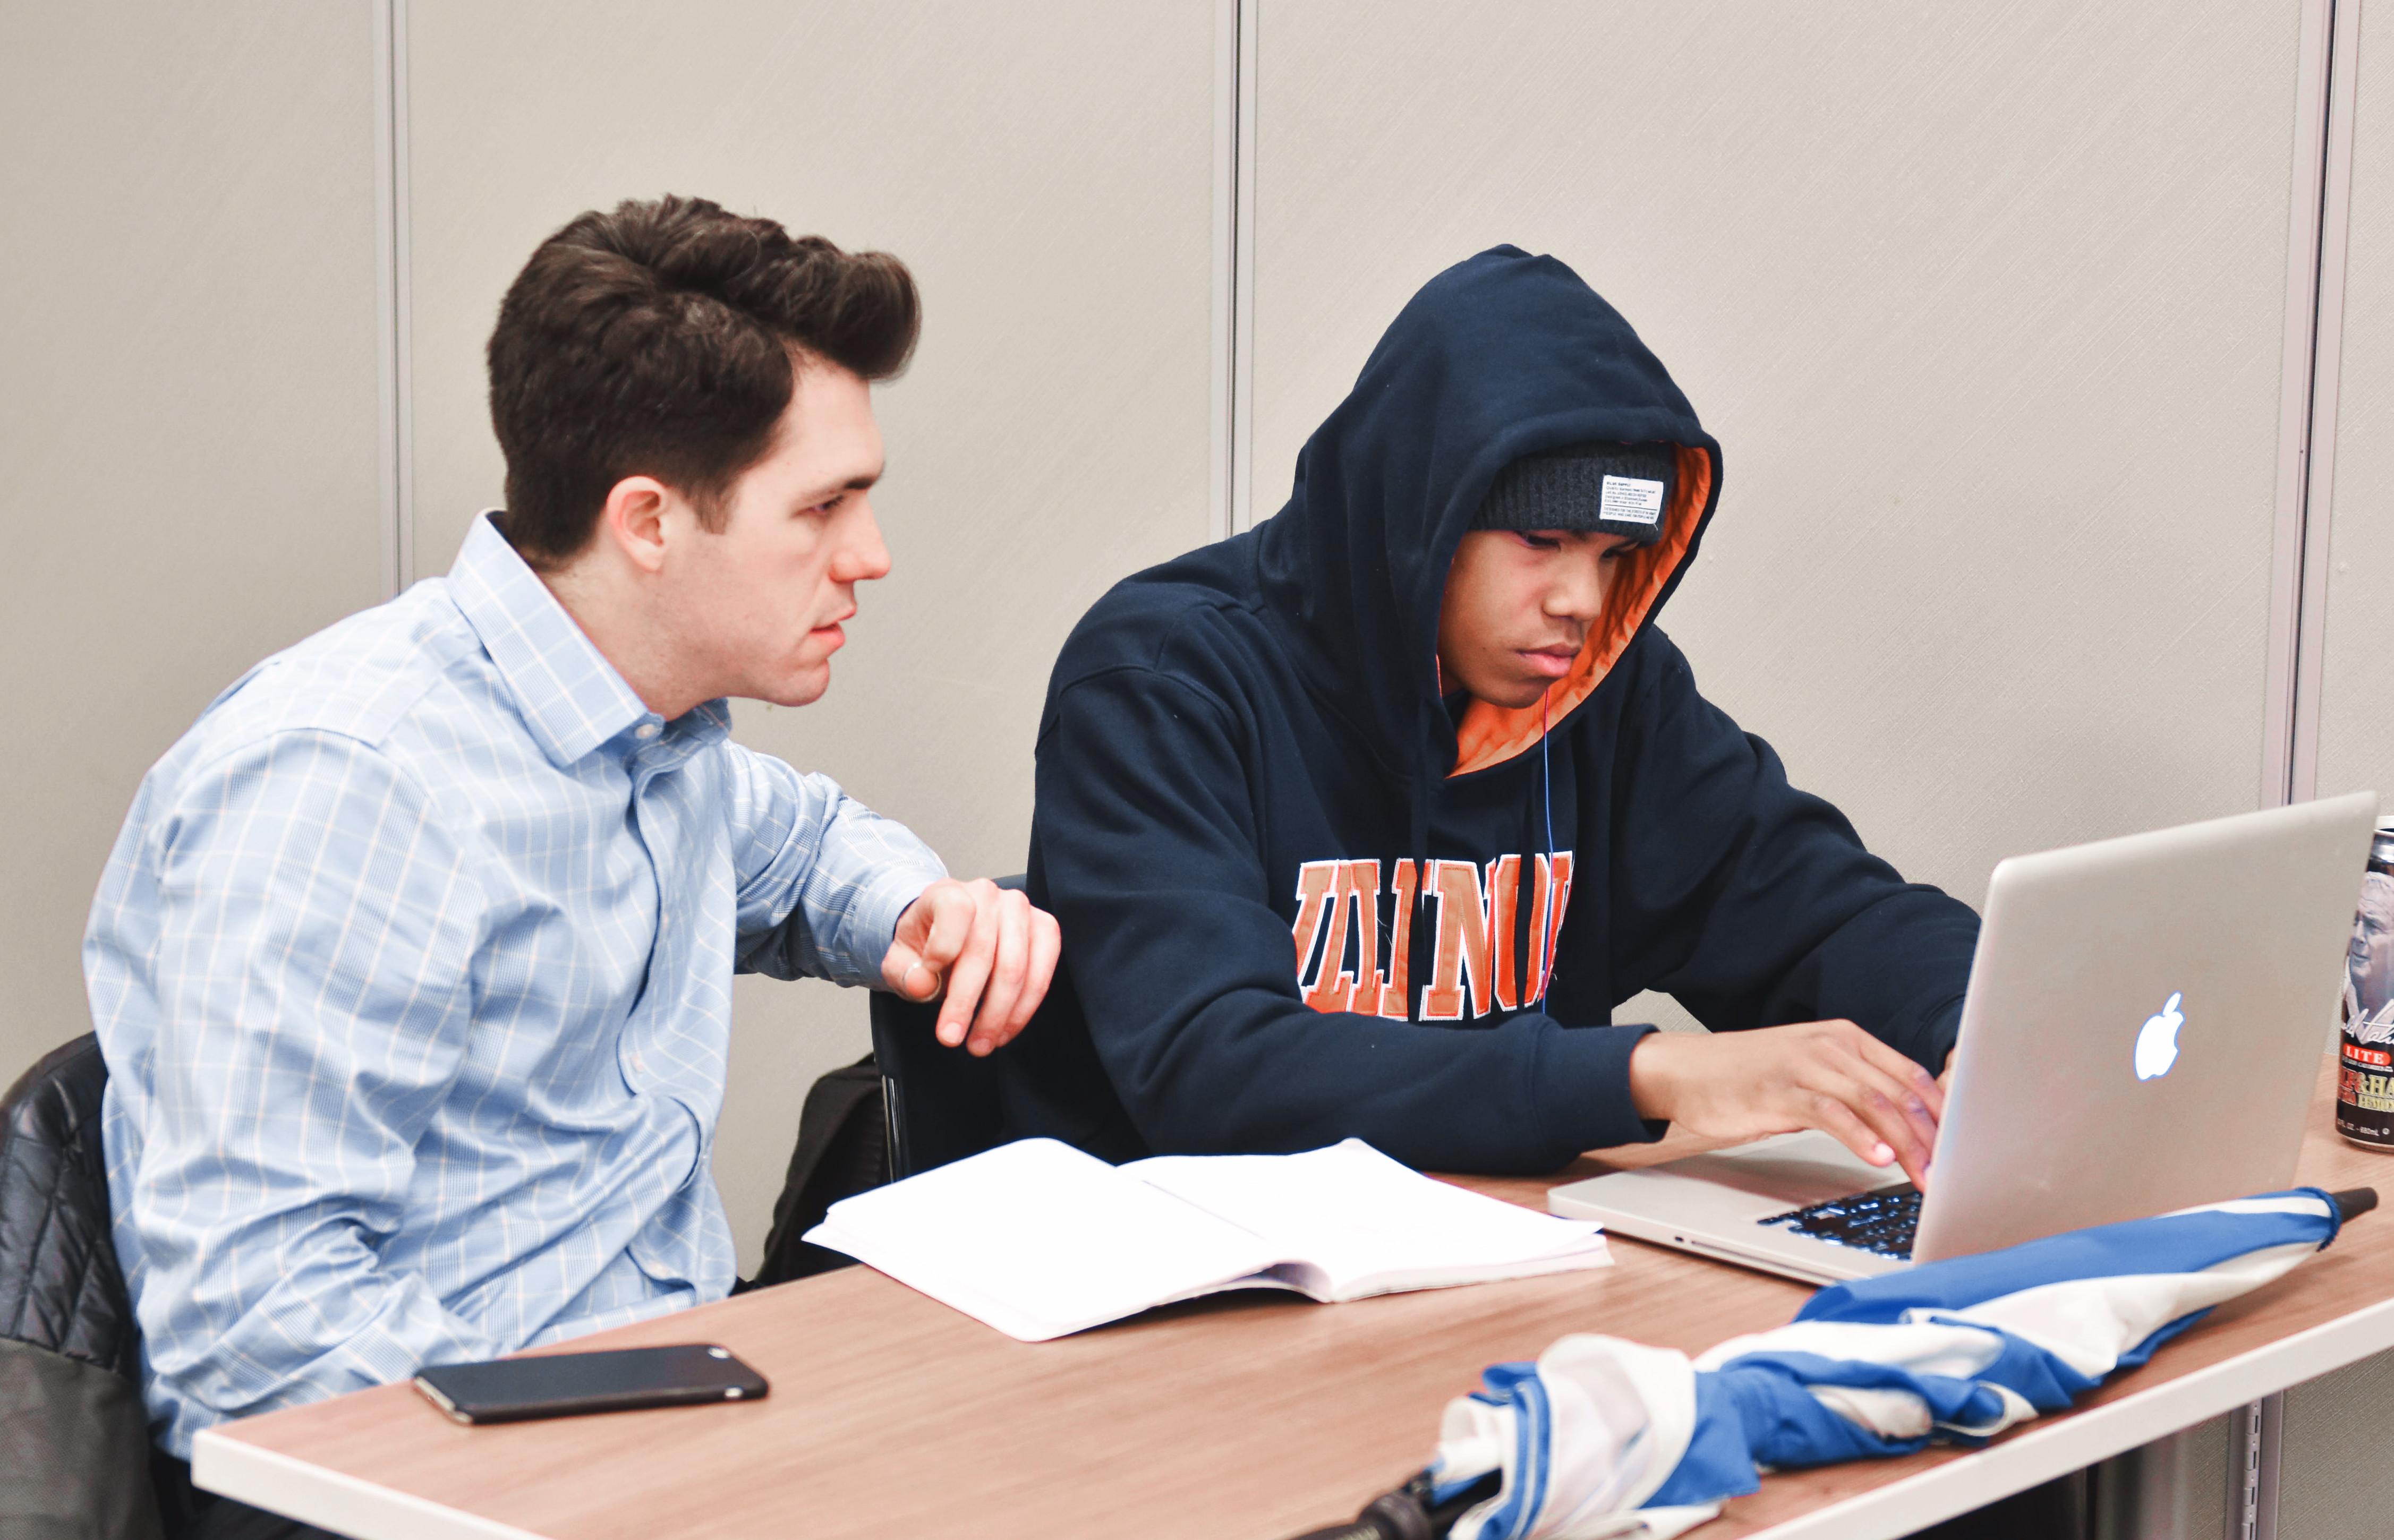 tutoring1_cropped